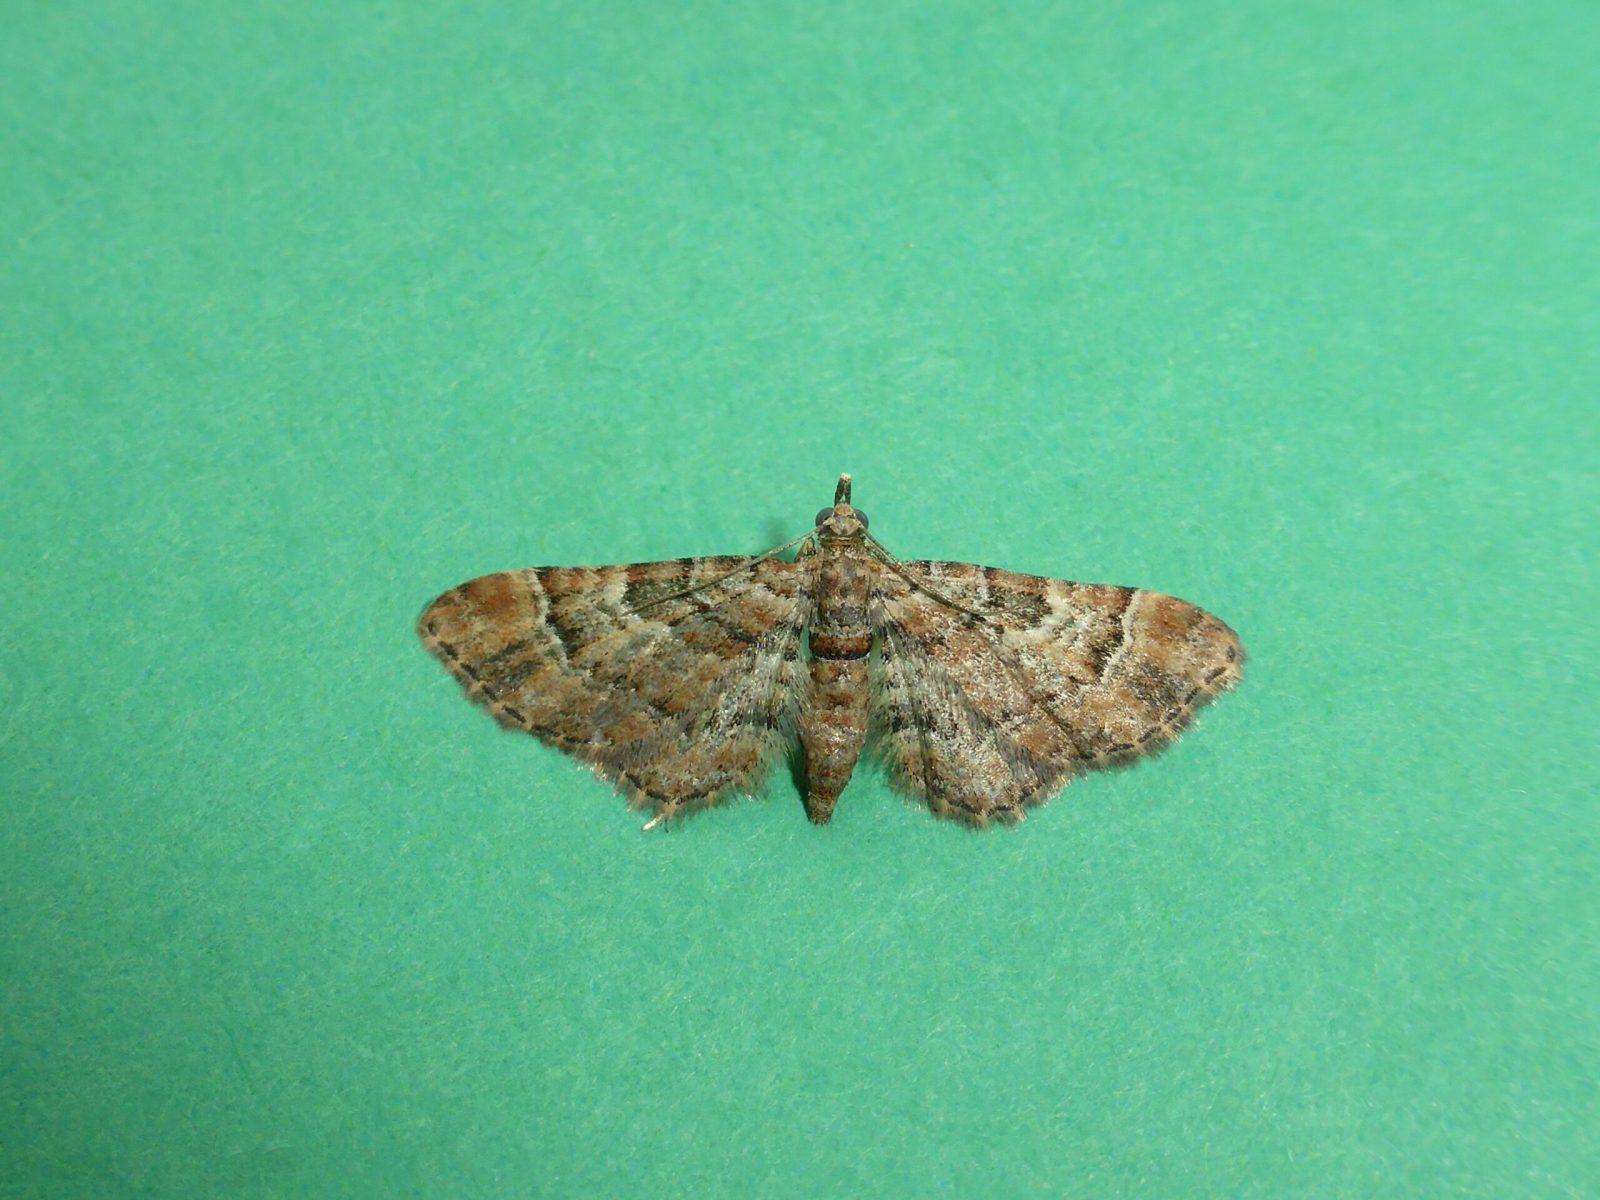 Gymnoscelis ruffasciata - Double-striped Pug - Kirk Smeaton